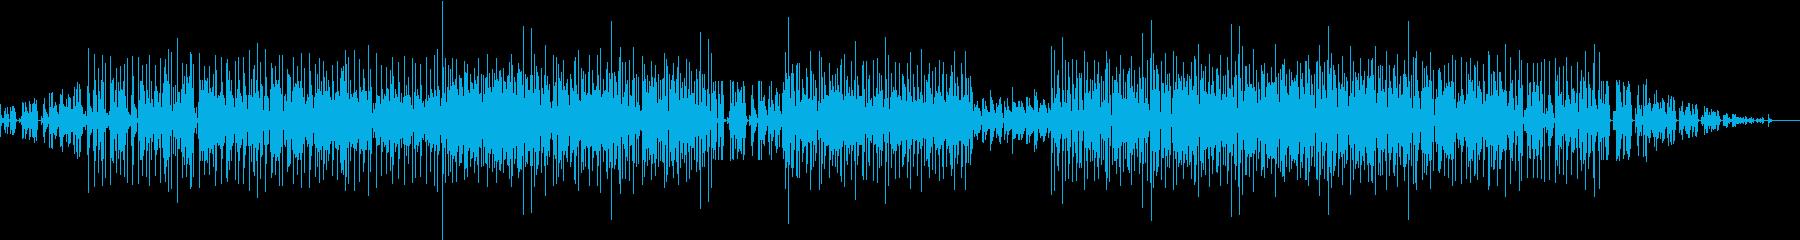 Gt浪人がGt達と出会い旅を続けていく曲の再生済みの波形